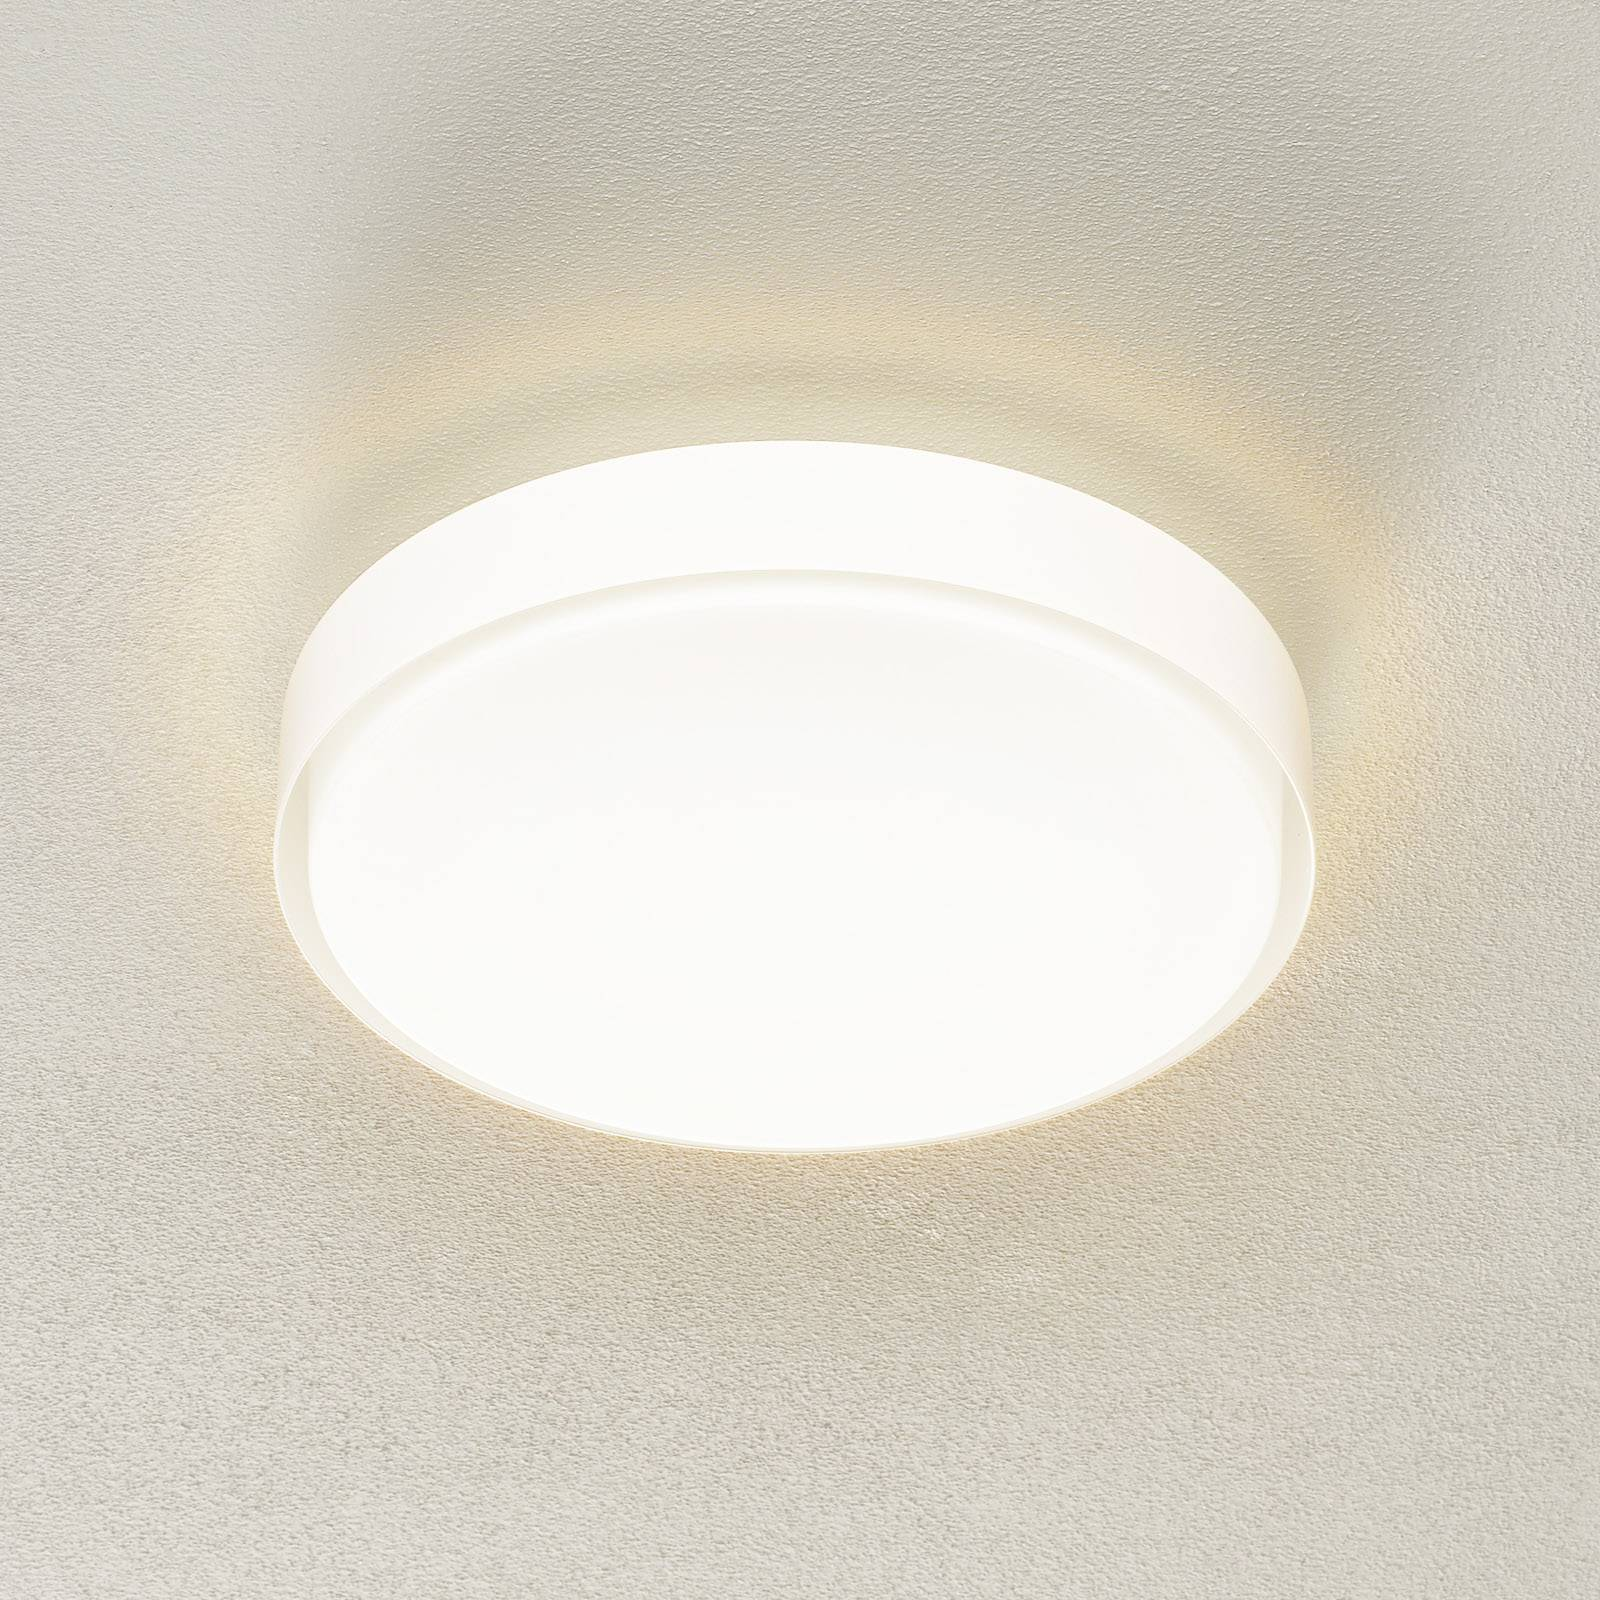 BEGA 34278 LED-Deckenleuchte, weiß, Ø 36 cm, DALI günstig online kaufen